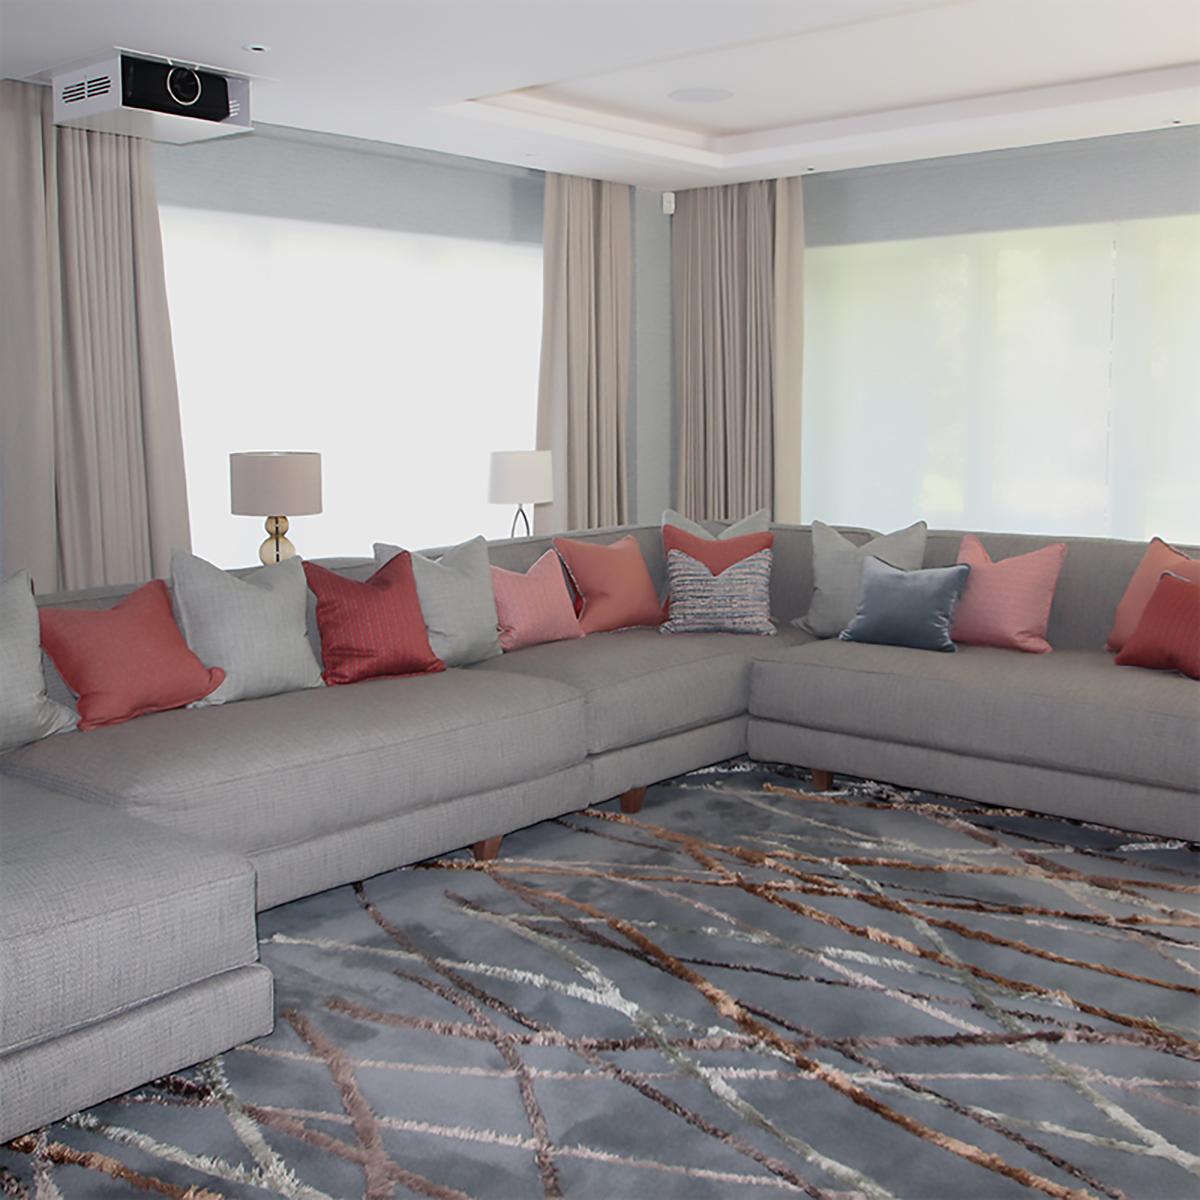 Jab Linen Curtains